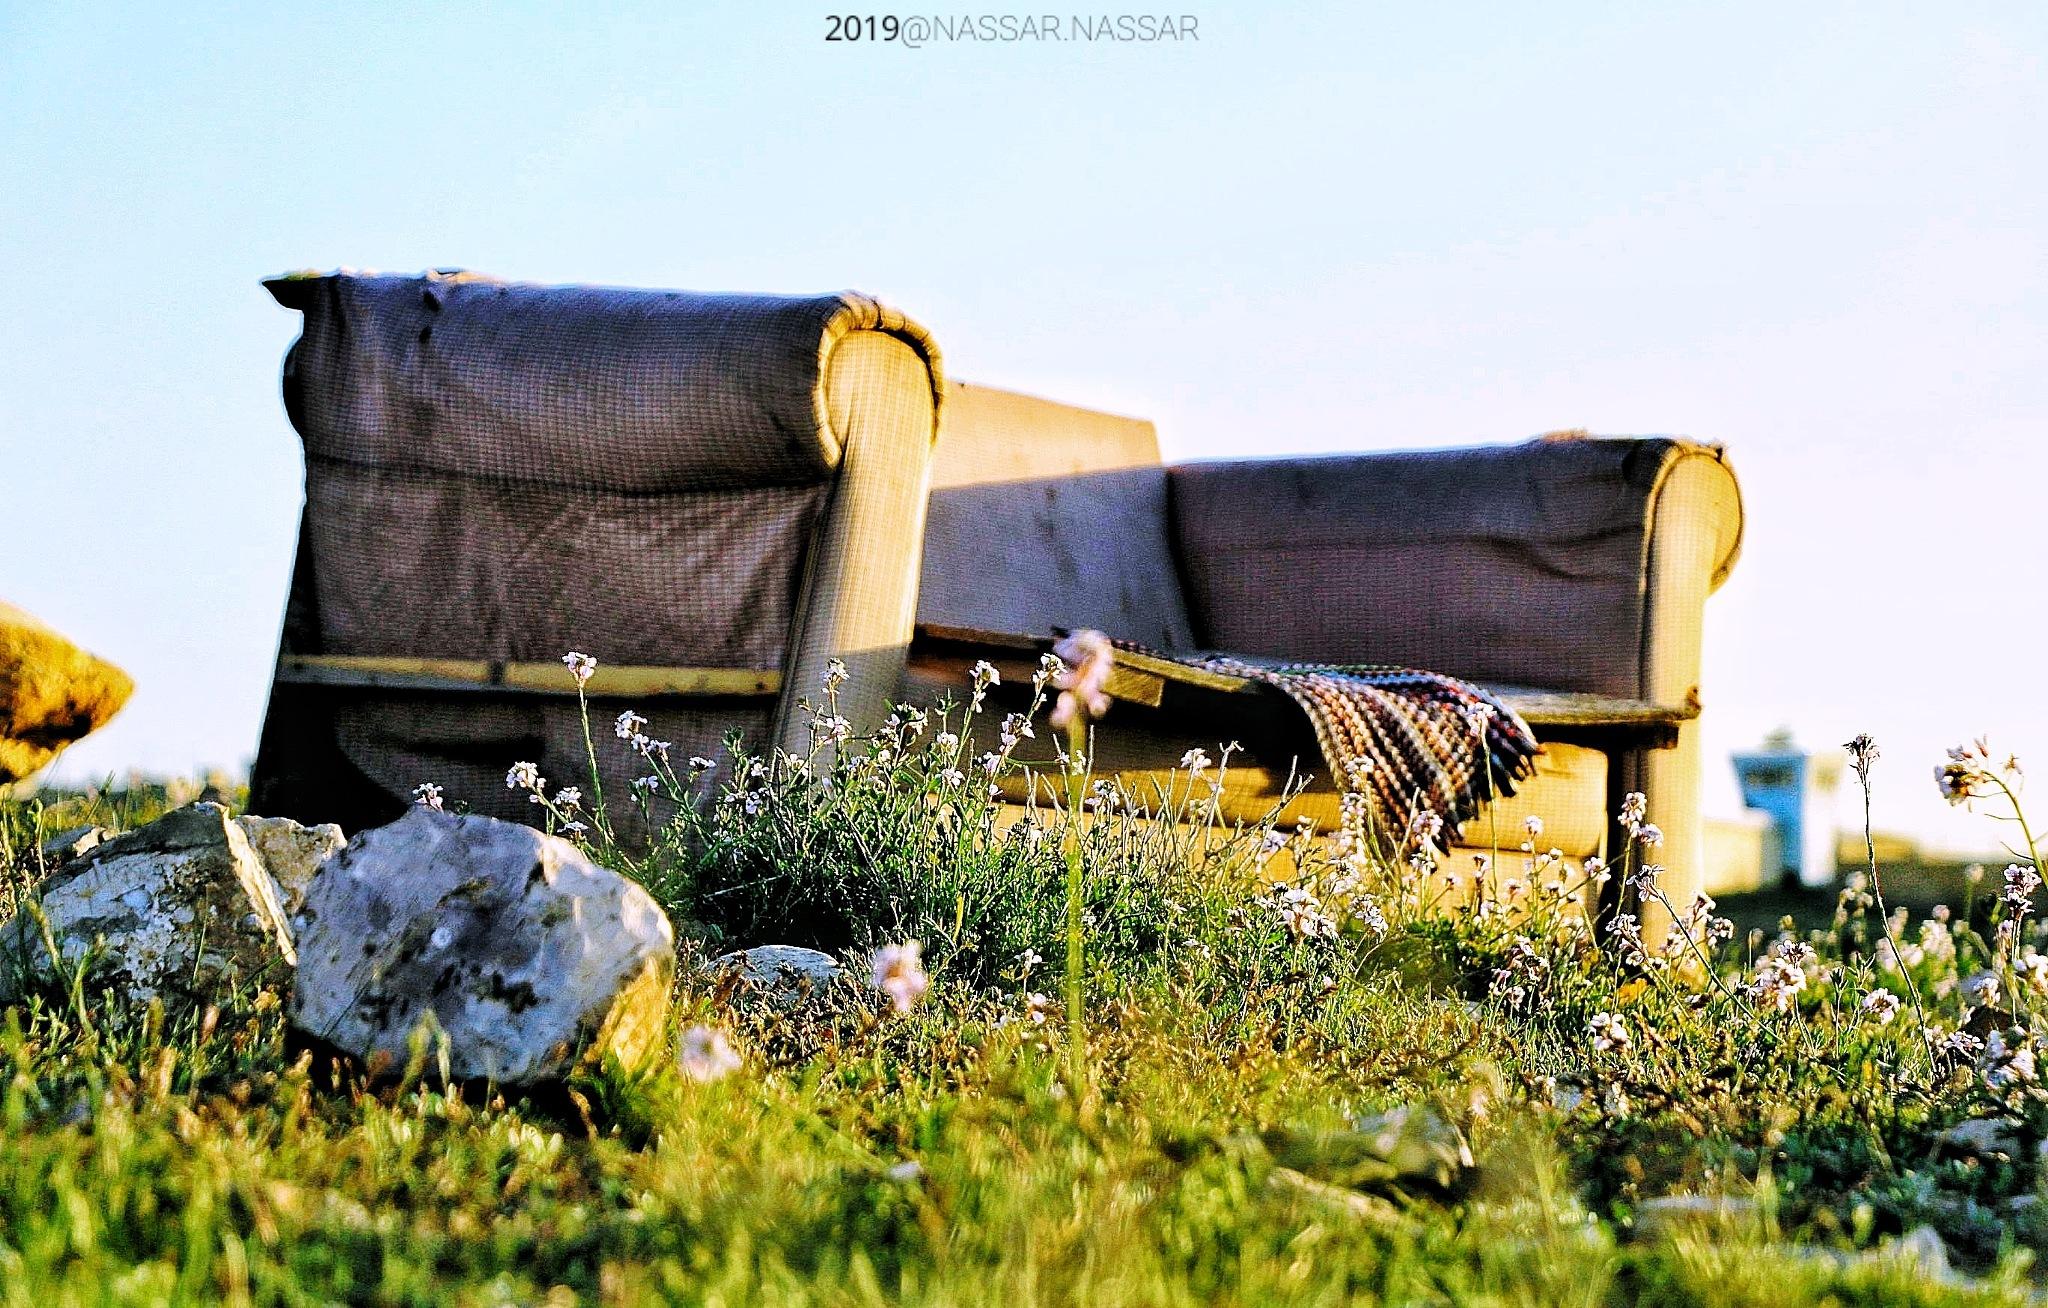 Rest by Nassar Hasan Nassar